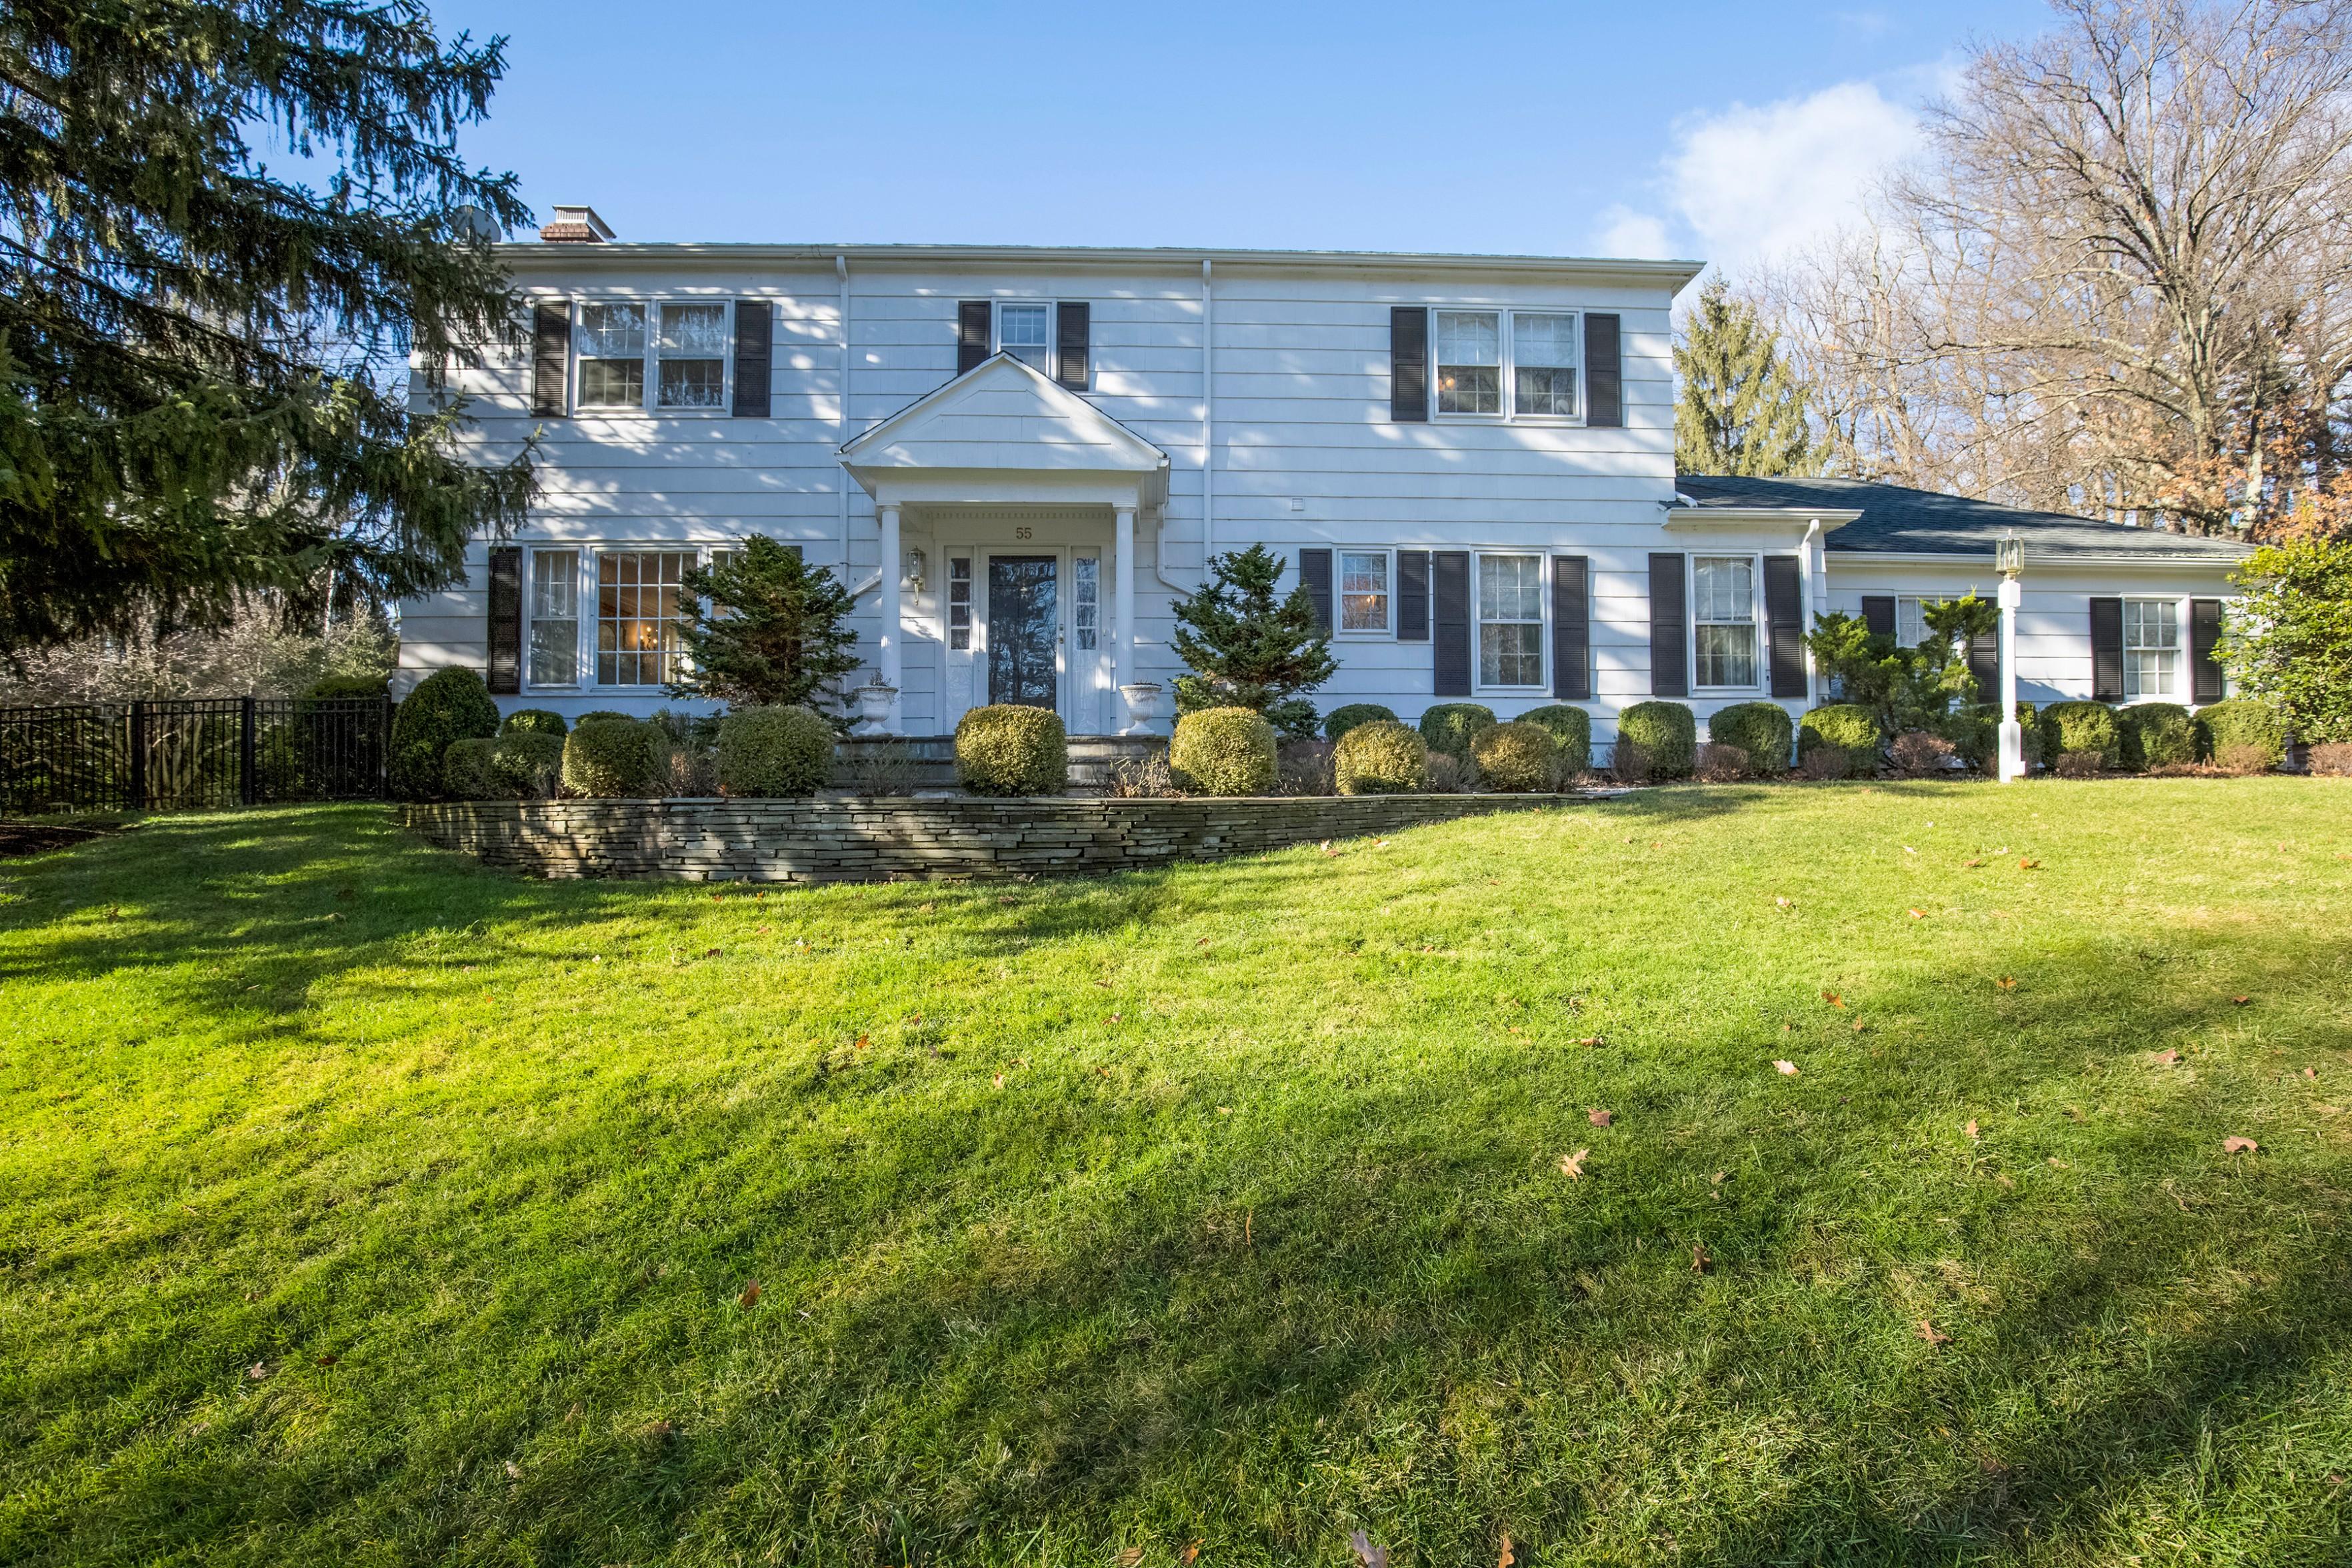 Casa Unifamiliar por un Venta en Beautifully Renovated Center Hall Colonial 55 Slope Drive Short Hills, Nueva Jersey, 07078 Estados Unidos